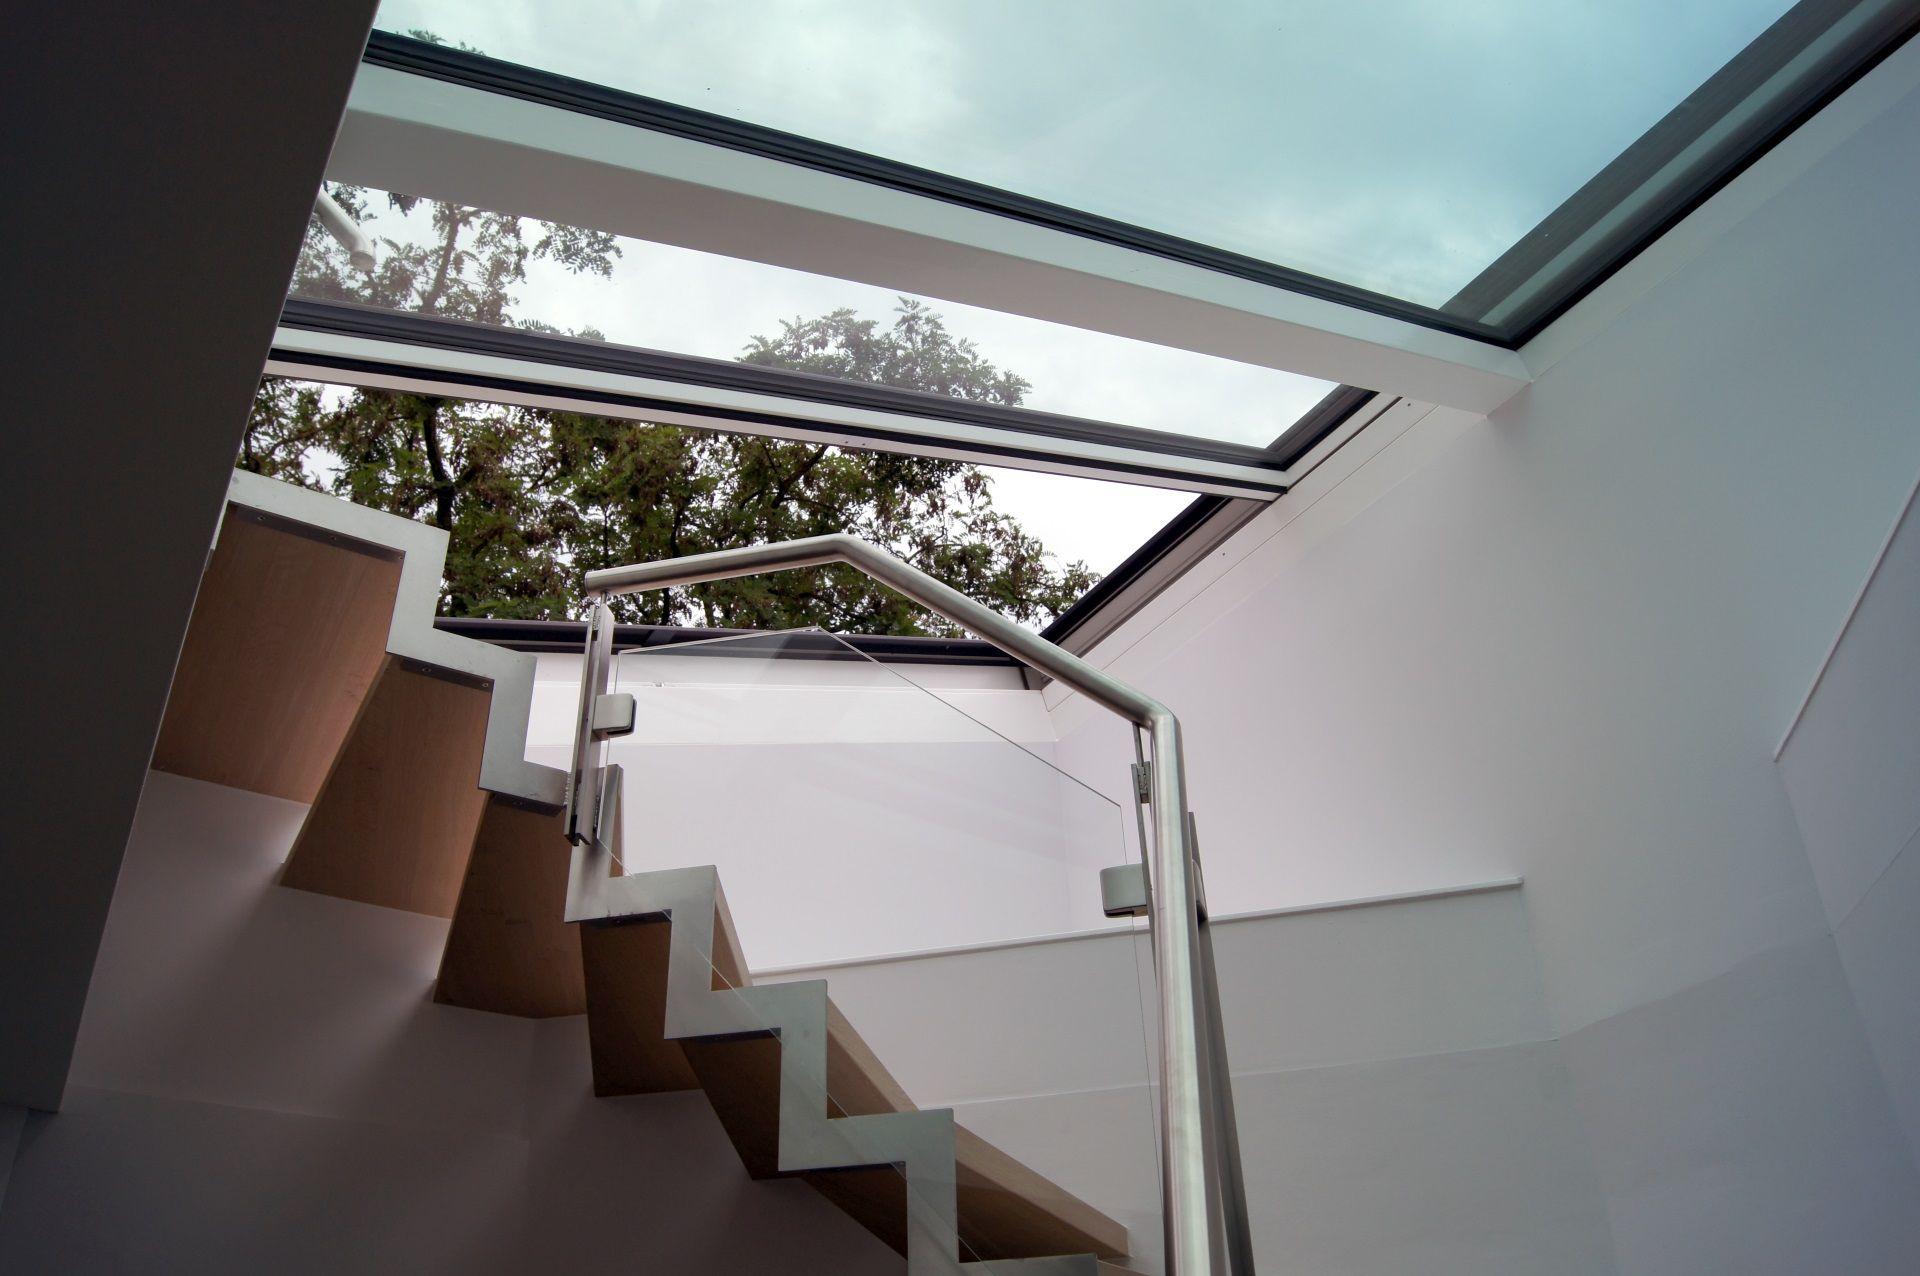 Küchendesign für bungalowhaus dachschiebefenster auf flachdach ansicht von innen  bilder zu